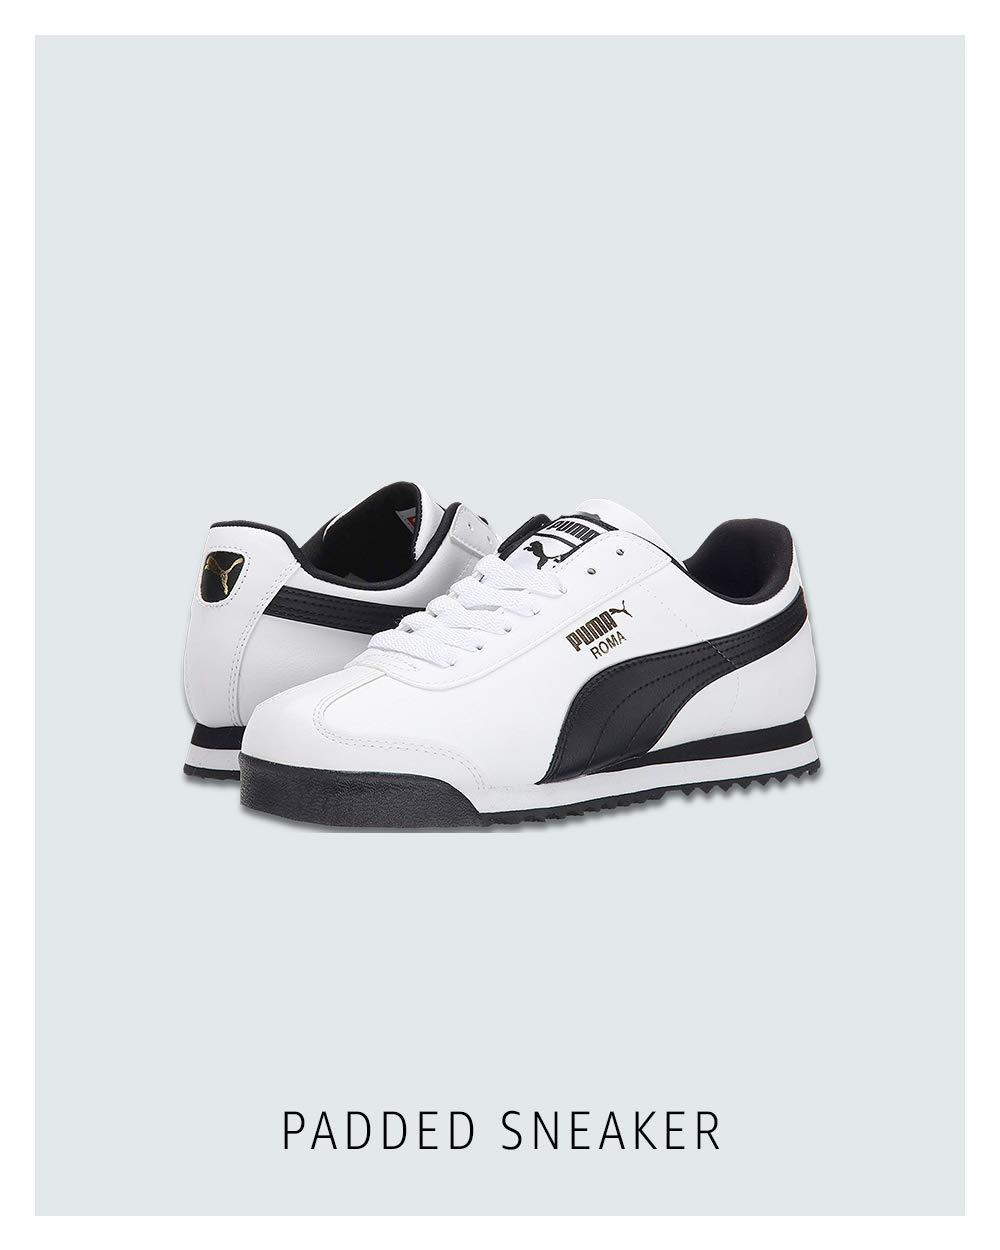 Padded sneaker